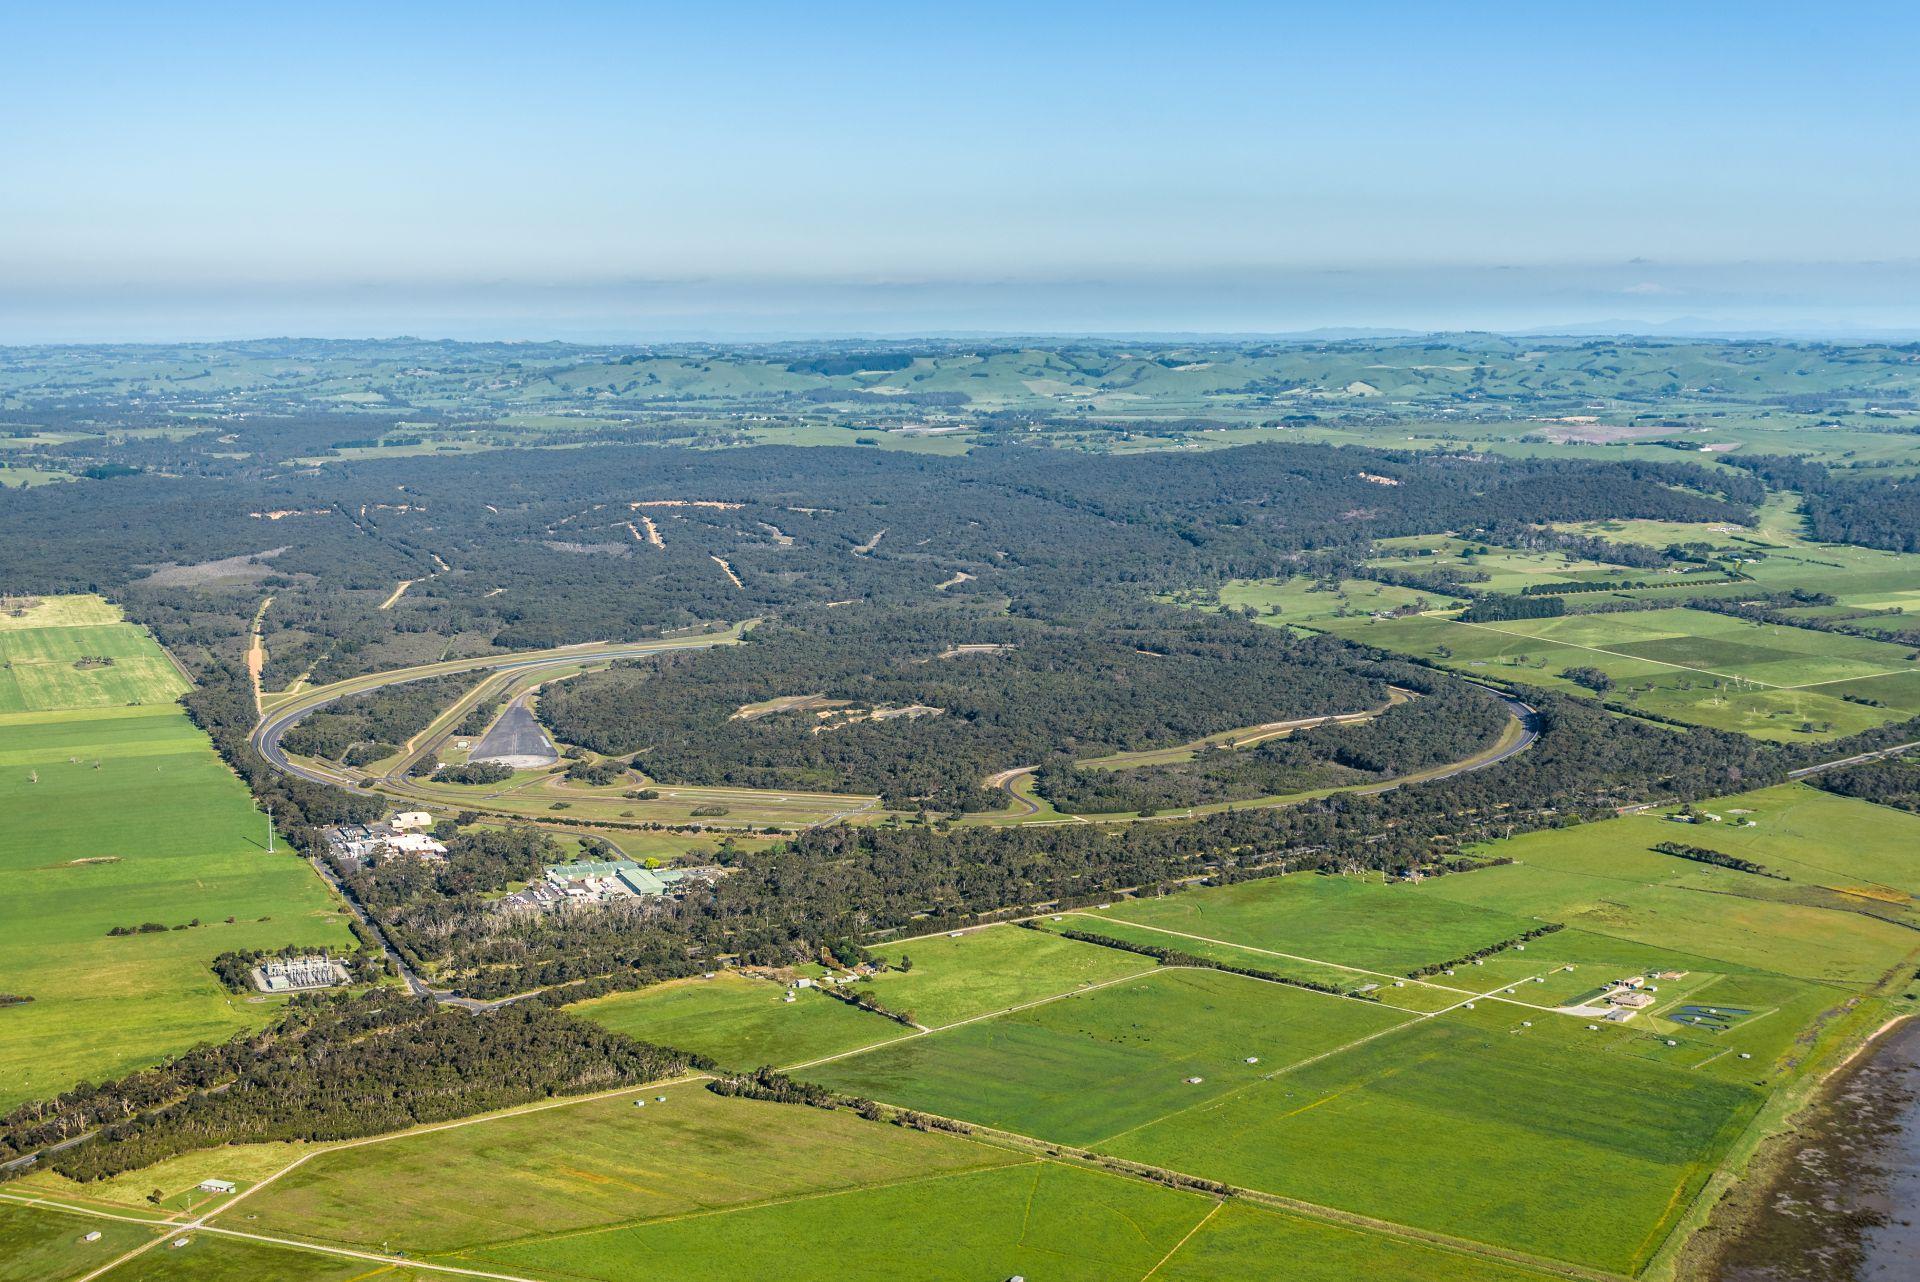 VinFast chính thức mua lại Trung tâm thử nghiệm xe rộng 872ha tại Australia - Ảnh 4.